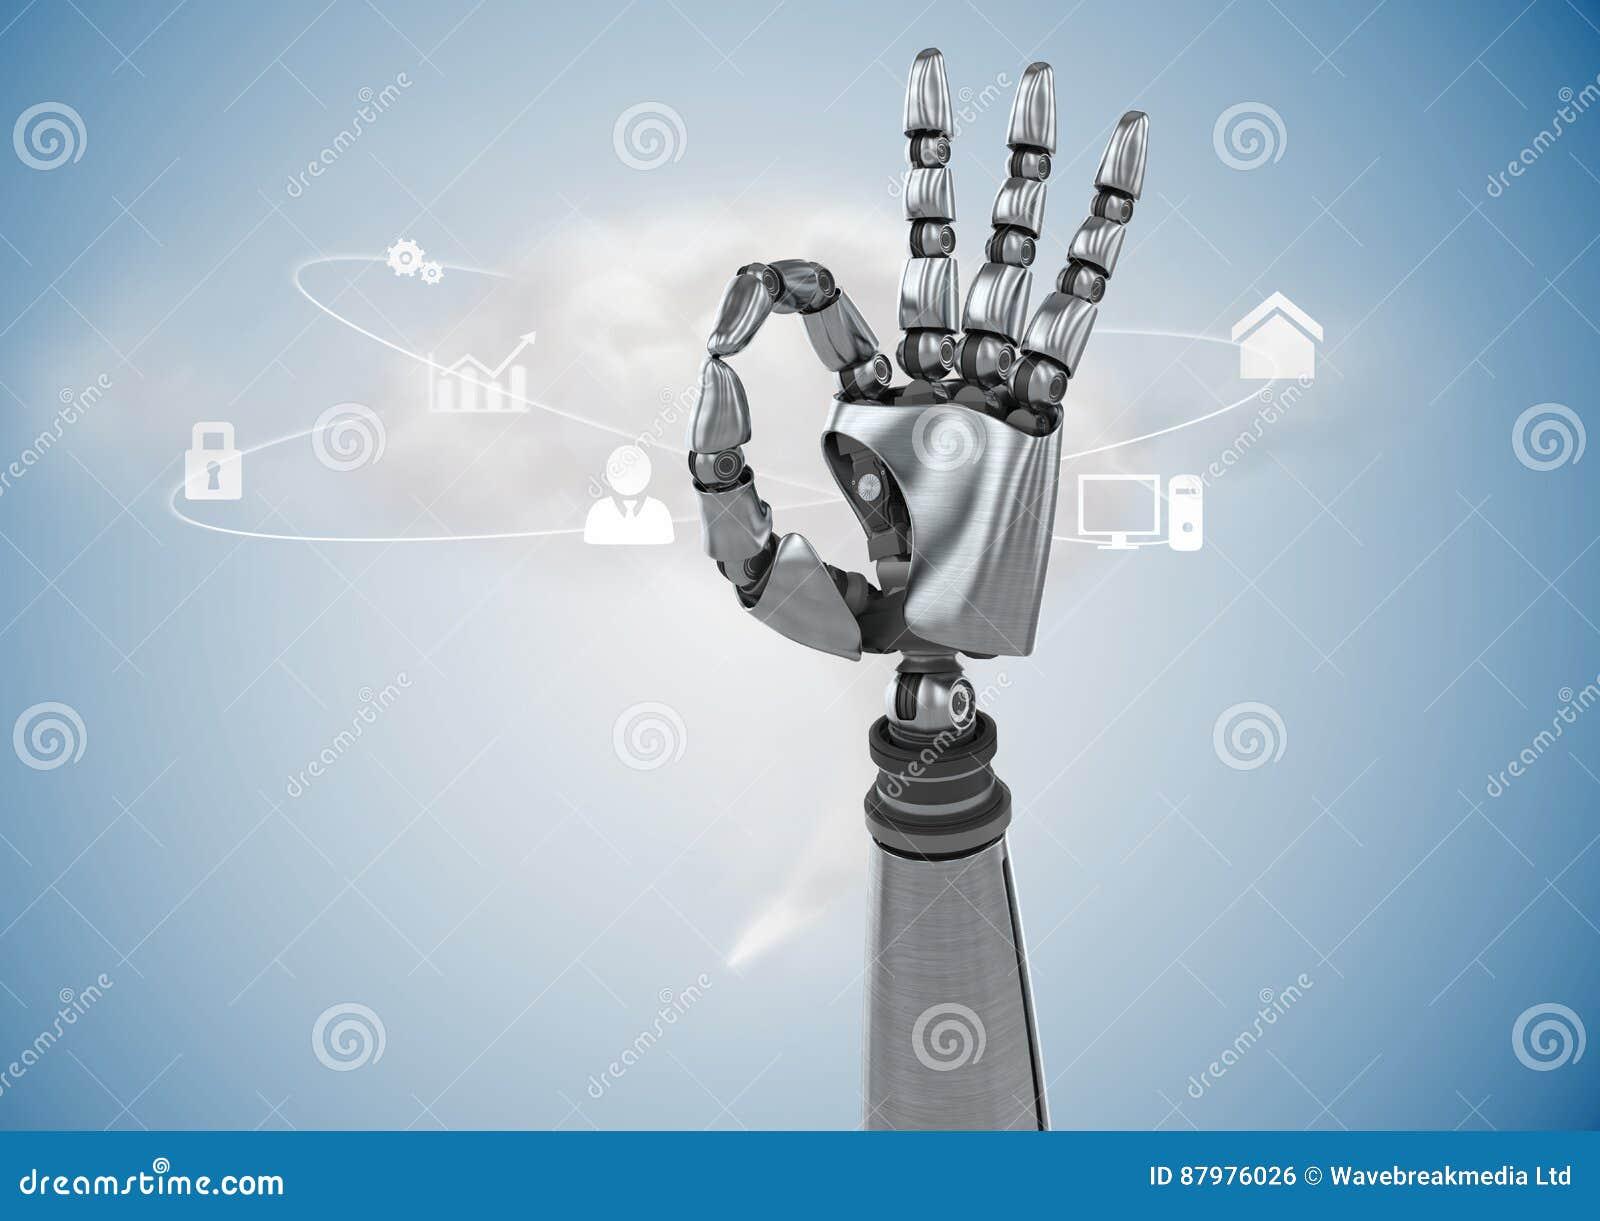 Mano robot che gesturing contro il fondo digitalmente generato